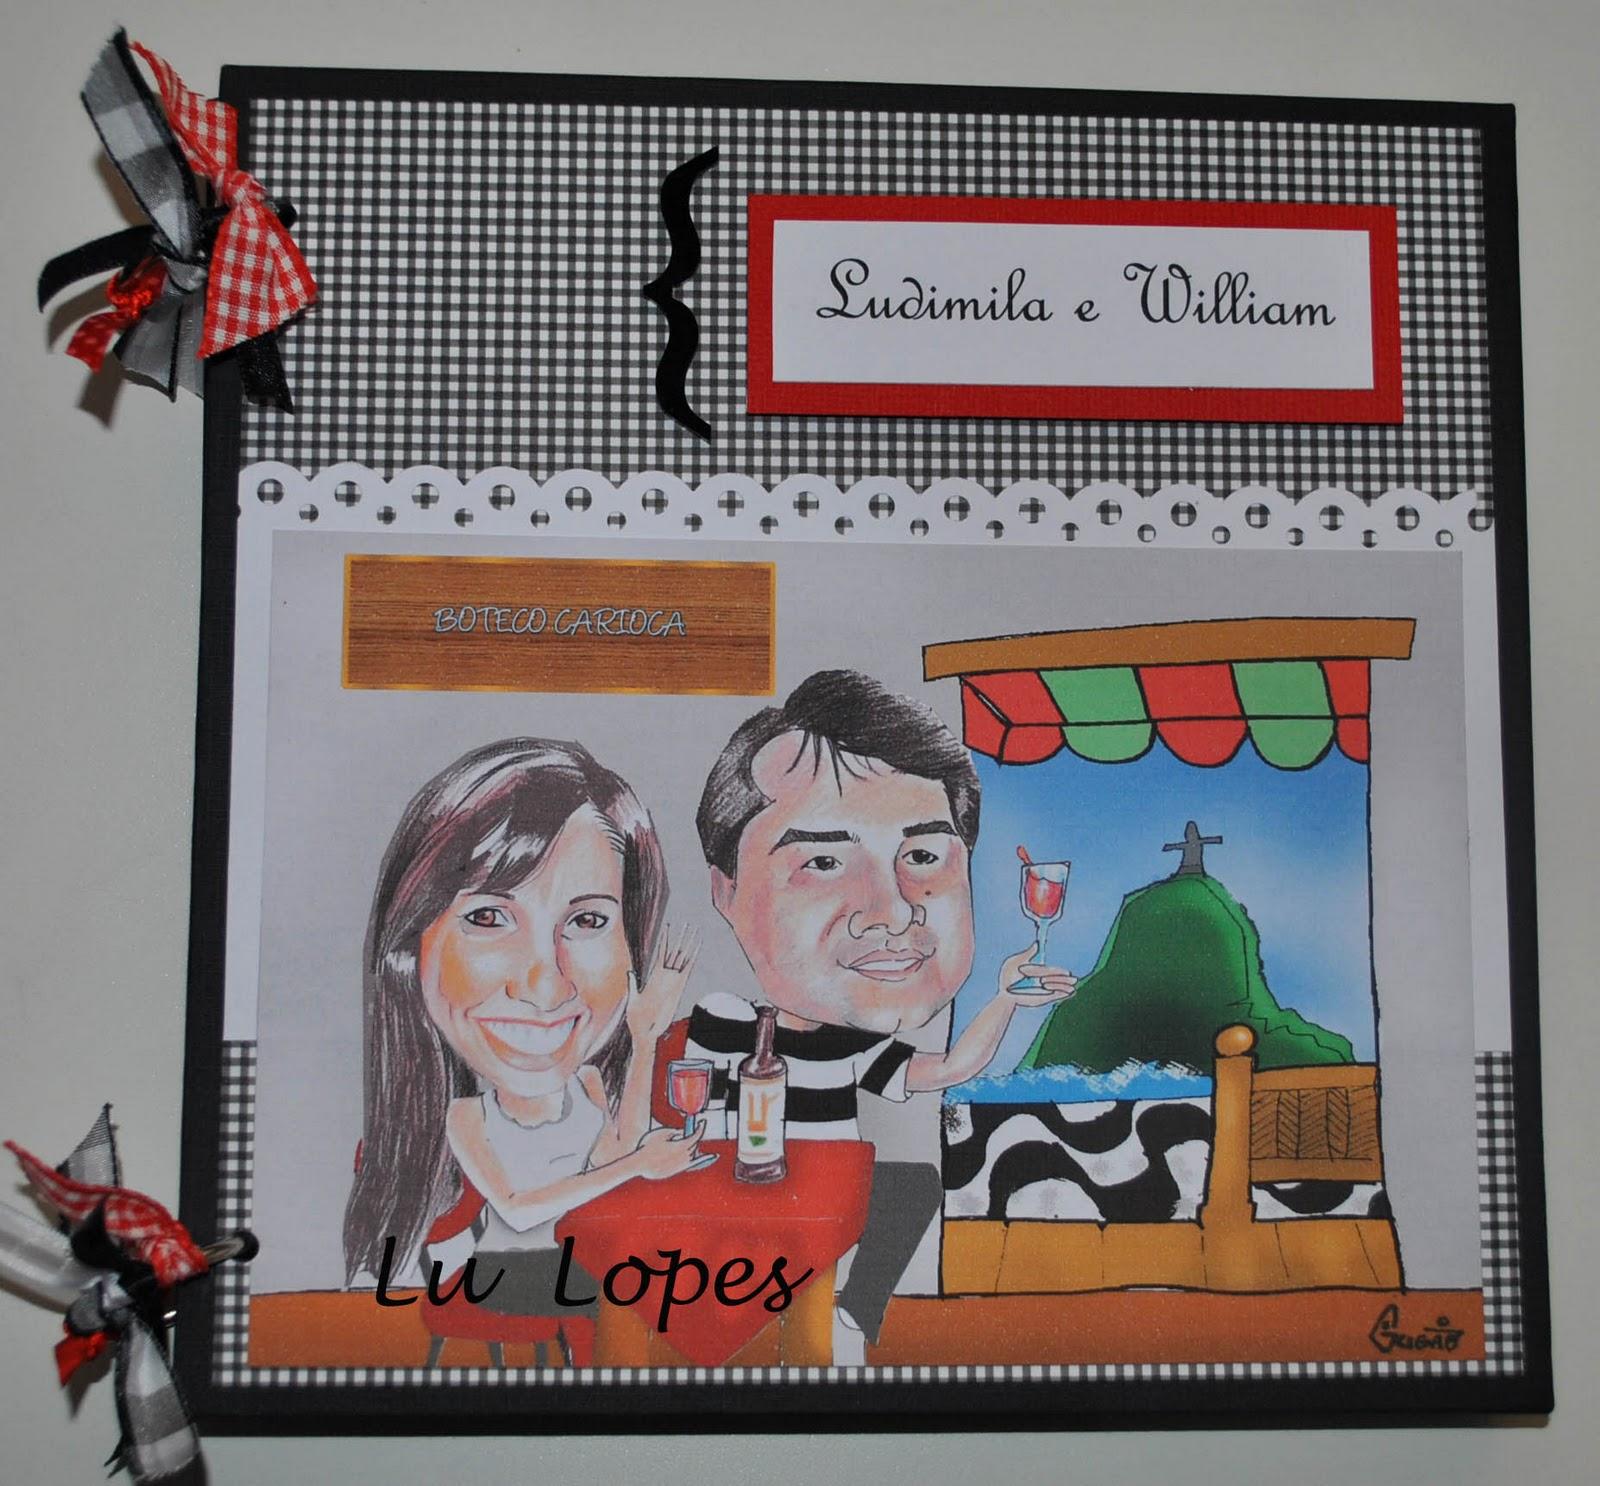 decorar um boteco:Caricaruta do casal para decorar a capa do livro de mensagens.